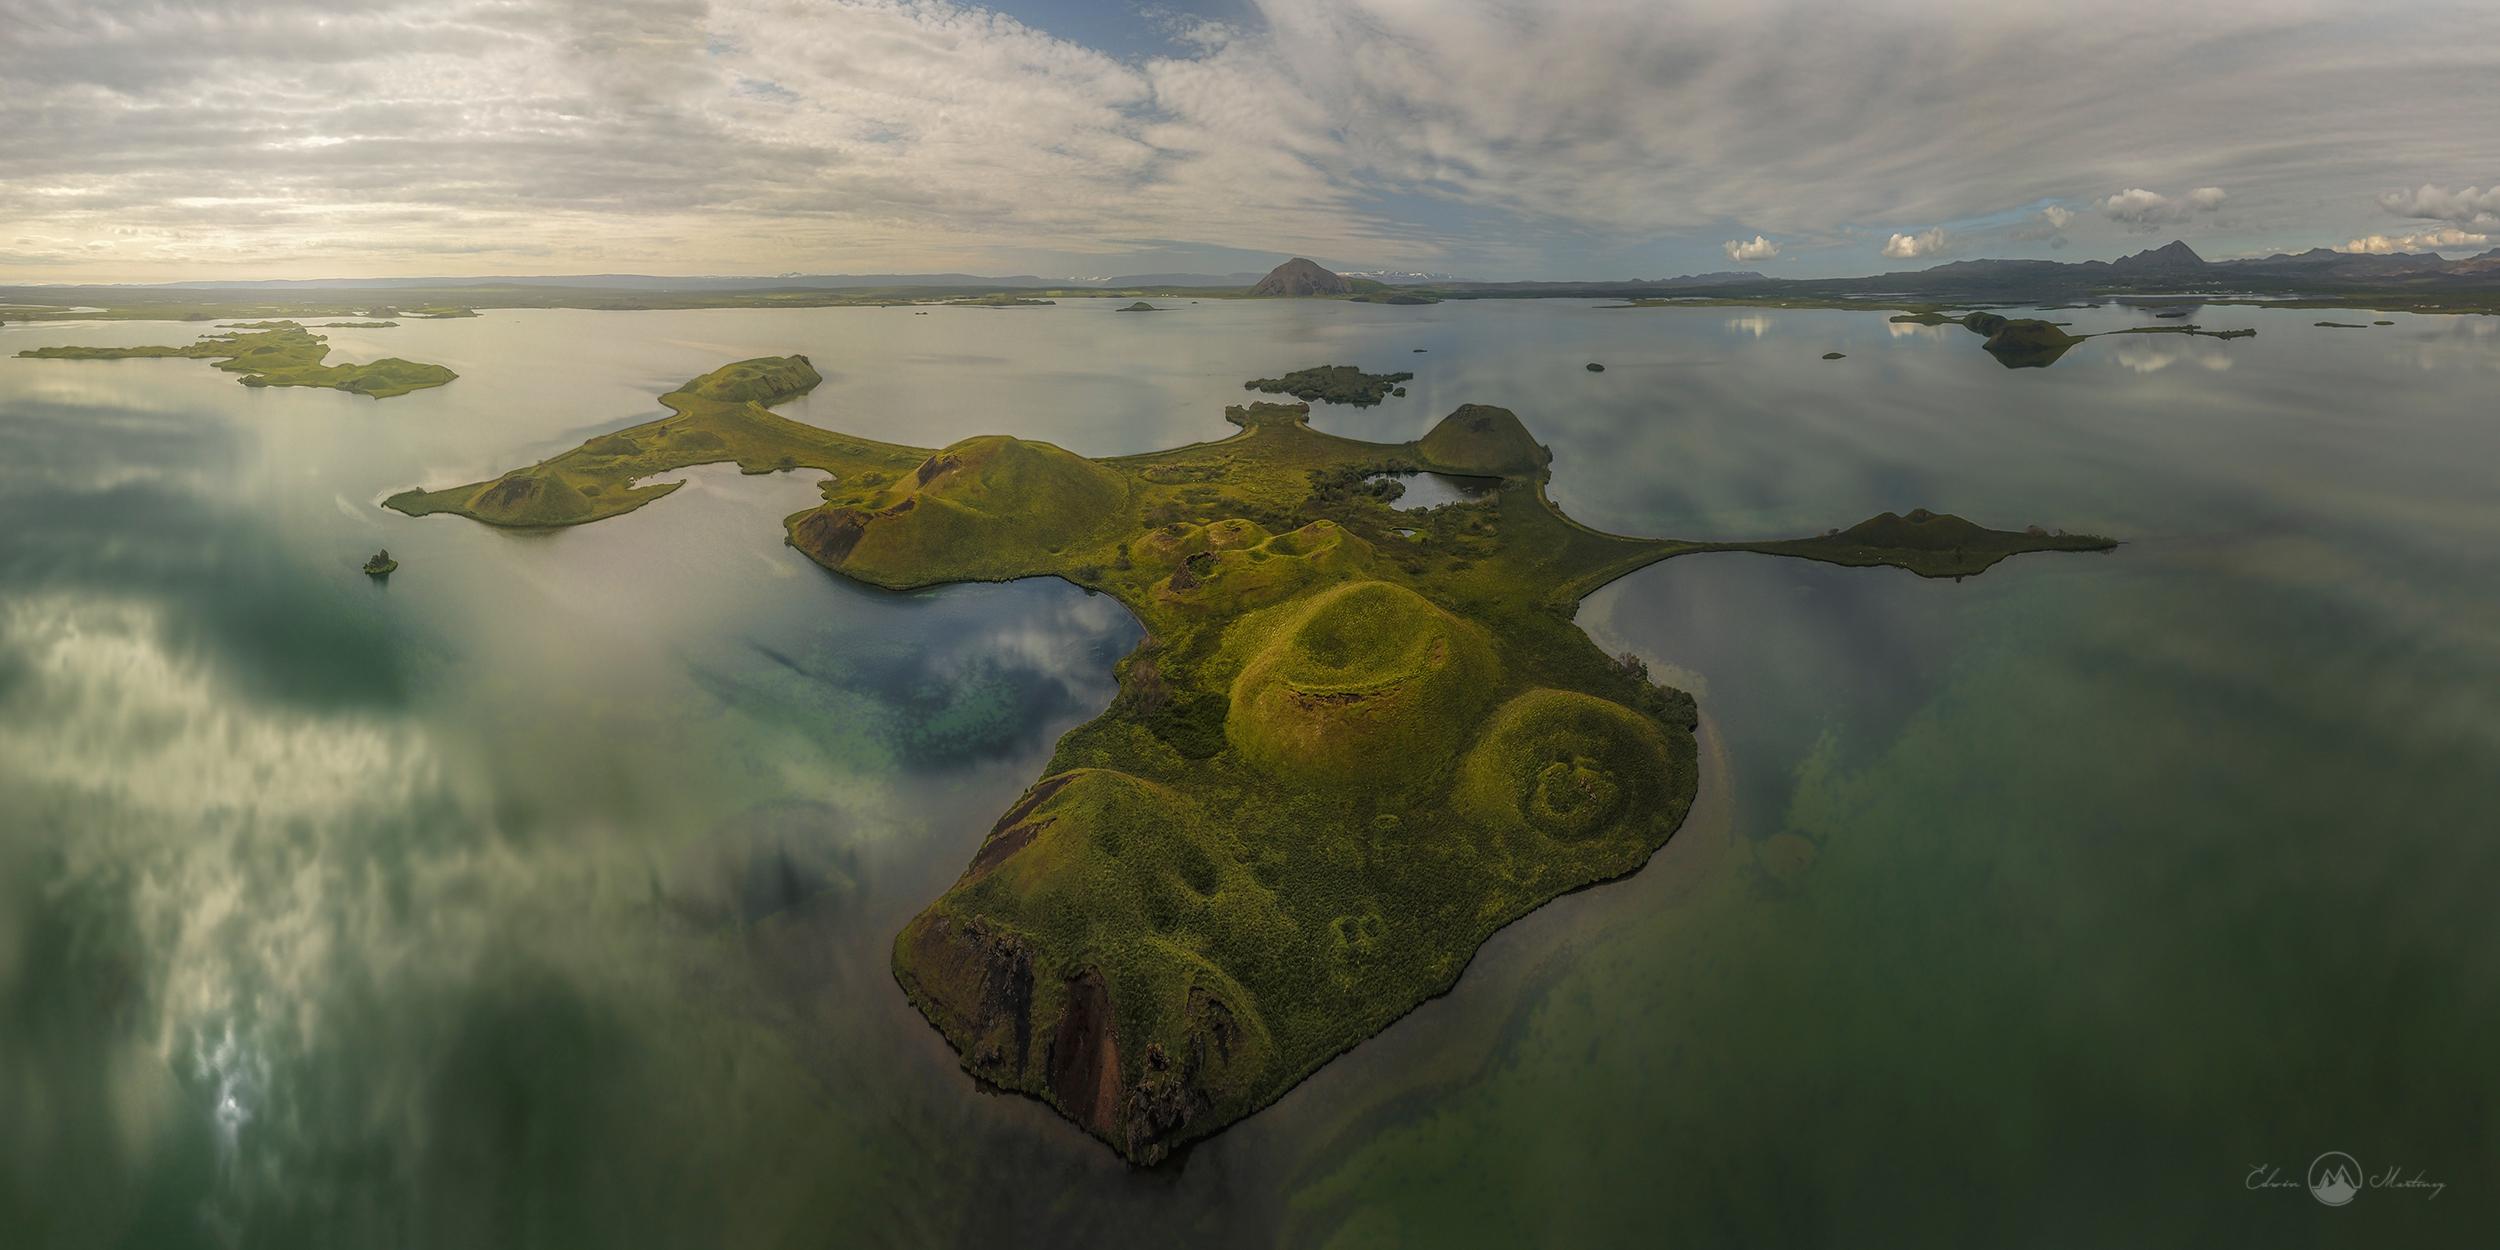 ดินแดนที่อยู่ไกลที่สุดของทั่วทั้งประเทศไอซ์แลนด์ คือ ไฮแลนด์.